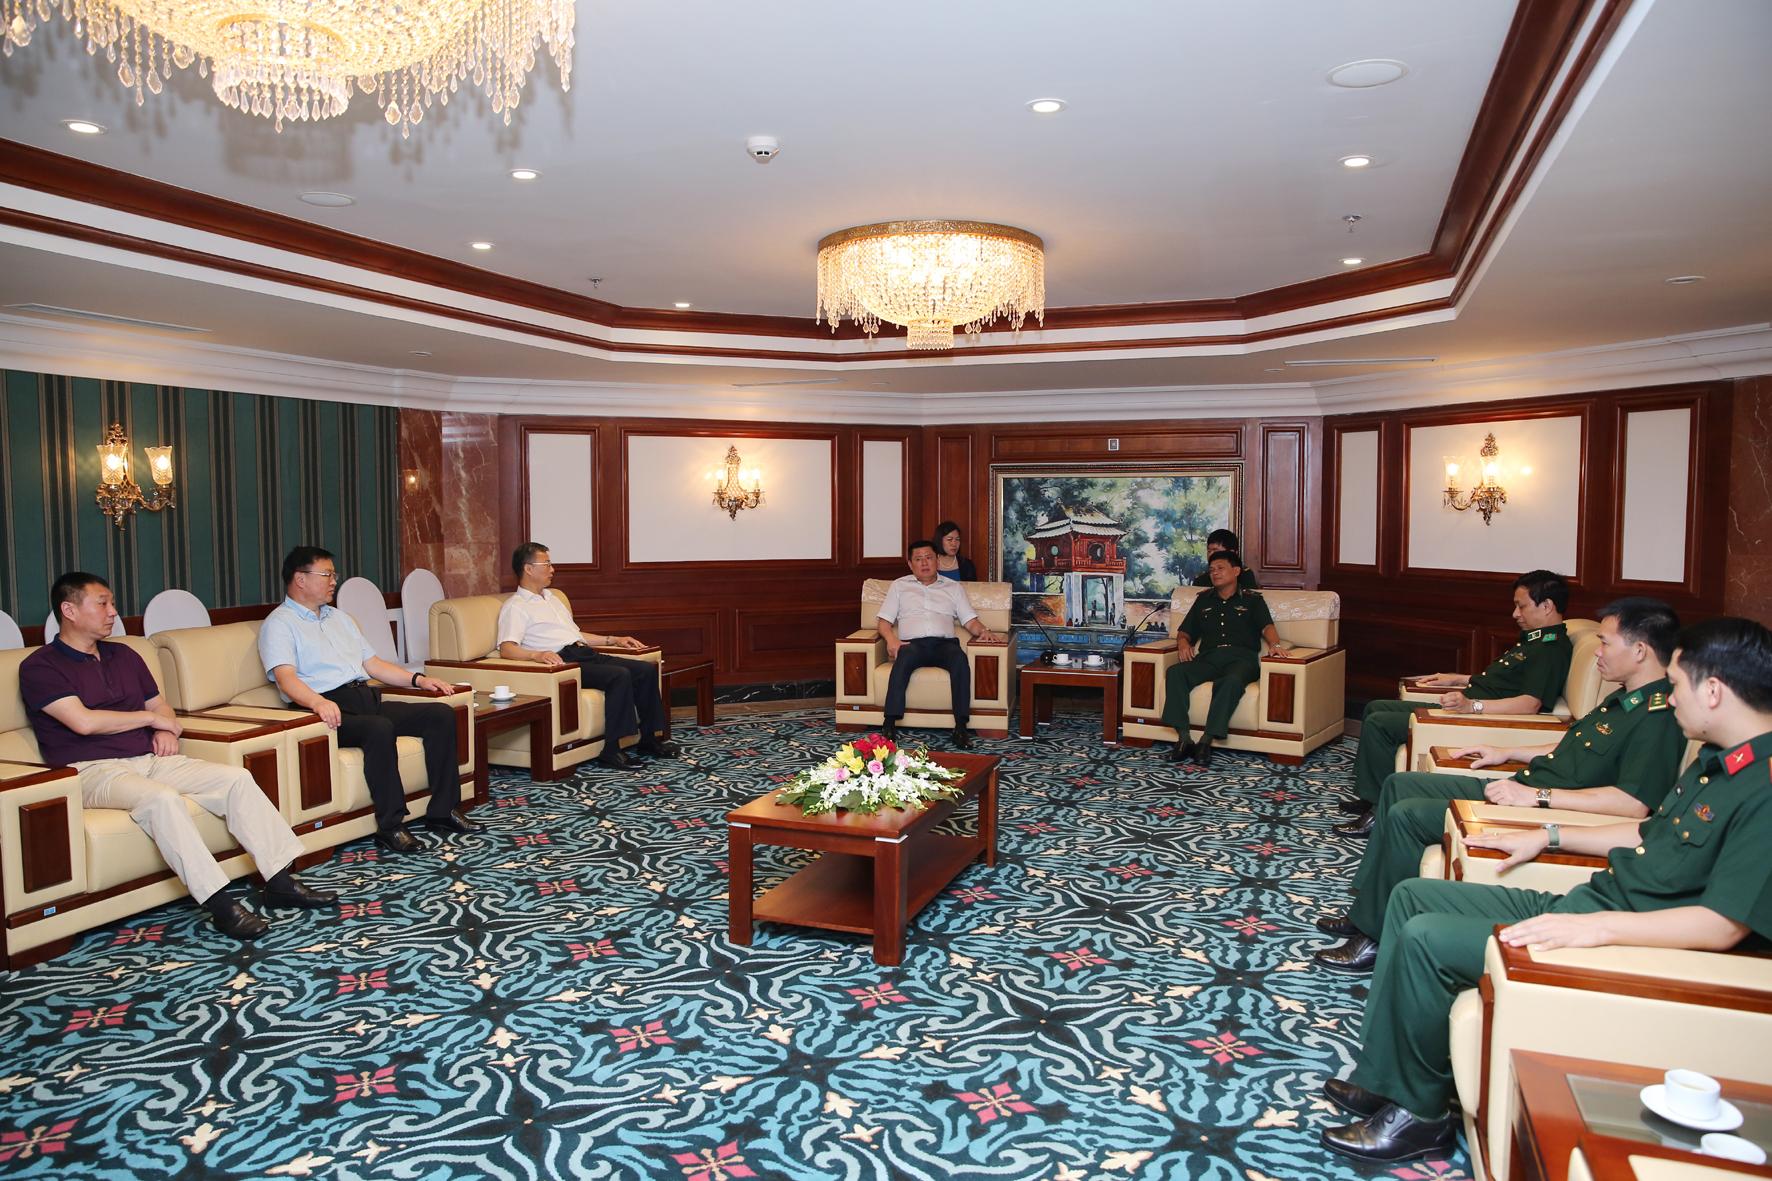 Đoàn đại biểu Biên phòng Trung Quốc kết thúc tốt đẹp chuyến thăm và làm việc tại Việt Nam